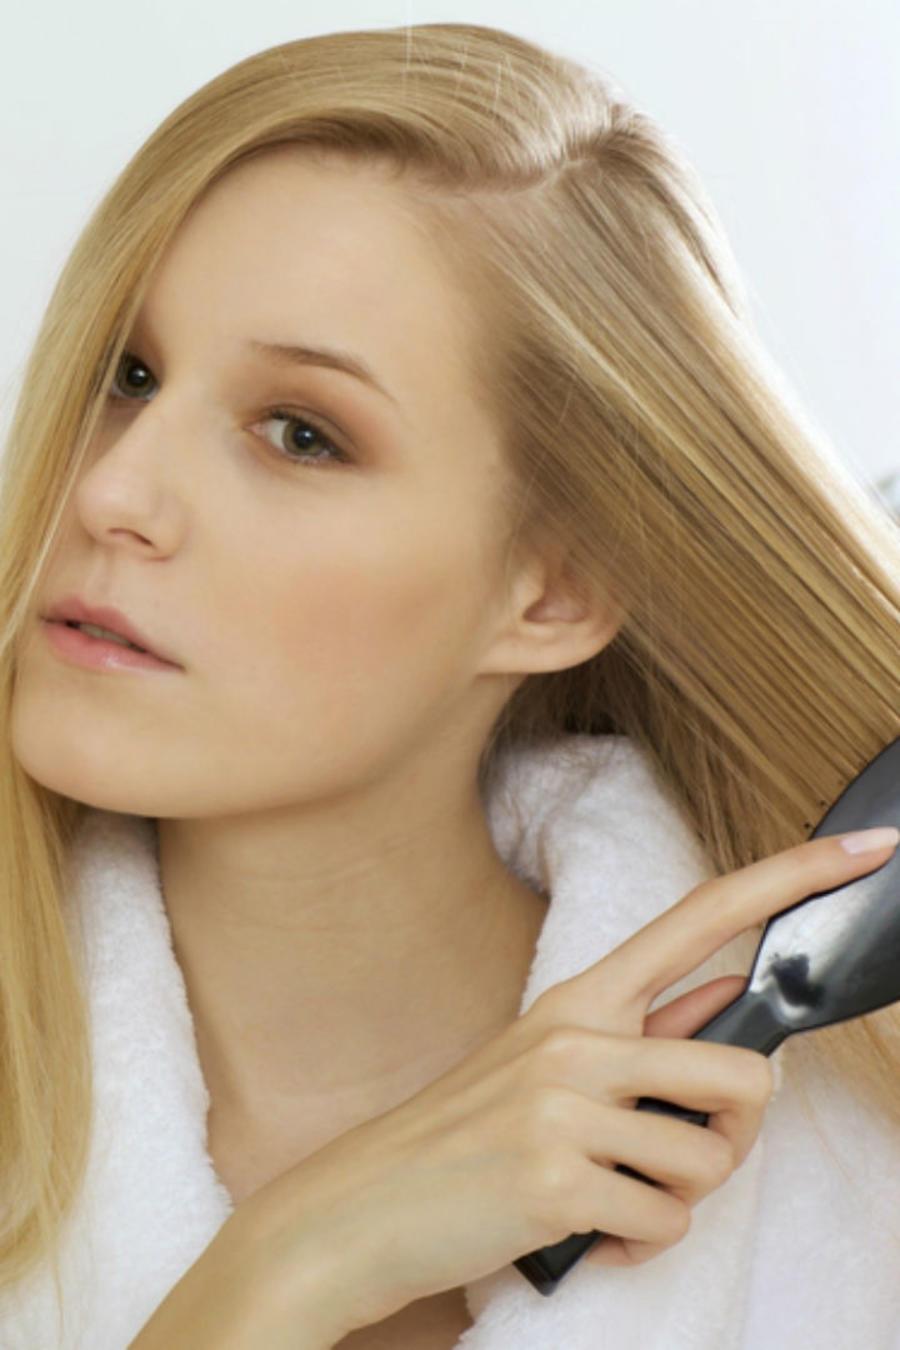 Mujer rubia cepillando su cabello frente al espejo